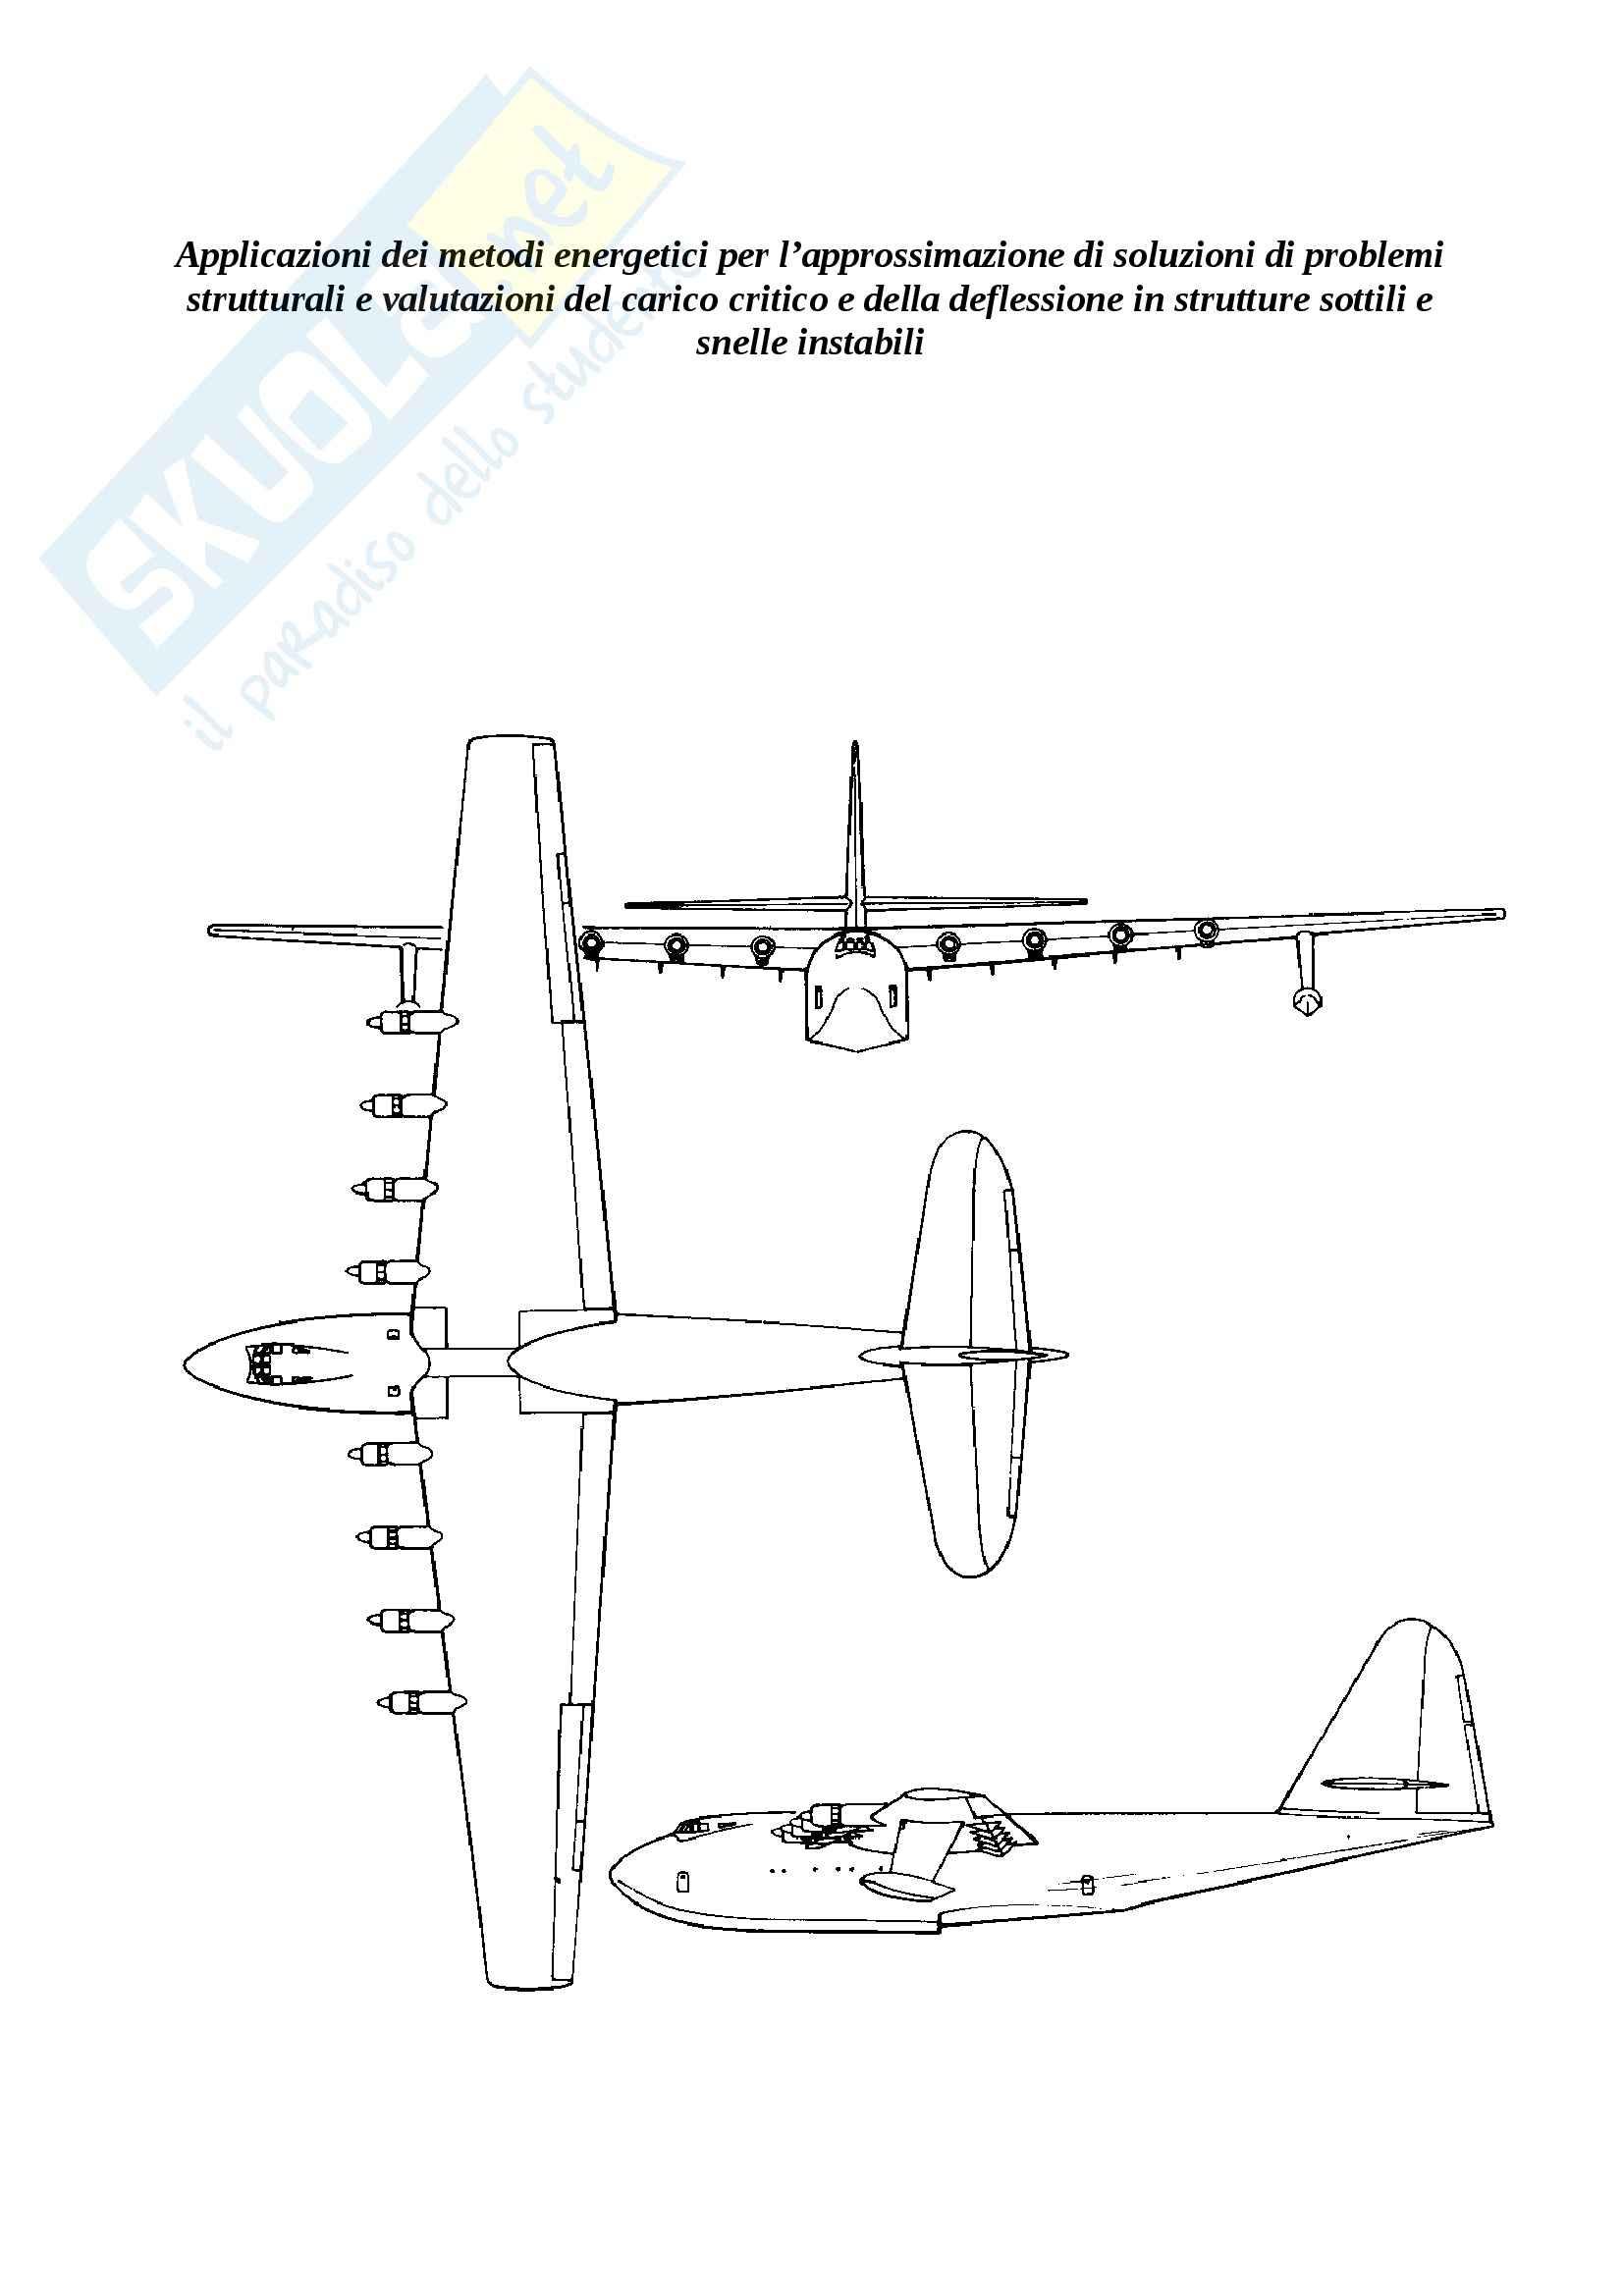 Applicazioni dei metodi energetici, Costruzioni aeronautiche